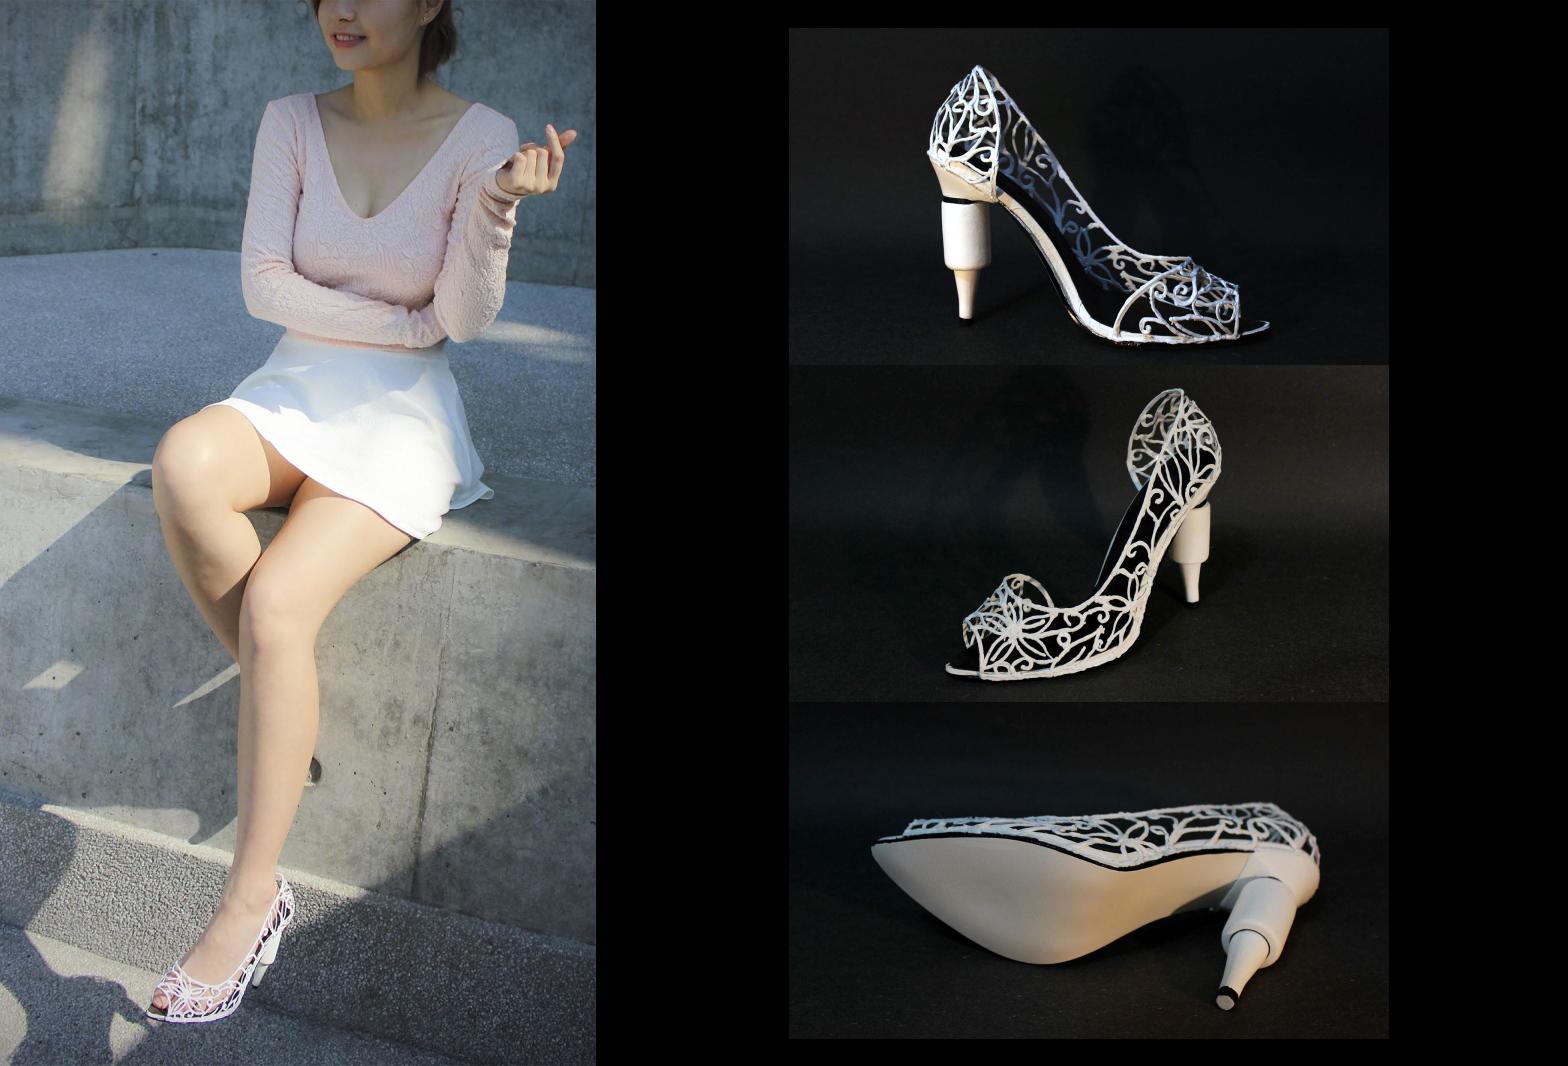 artist-uses-3doodler-pen-to-create-high-heel-shoe-16